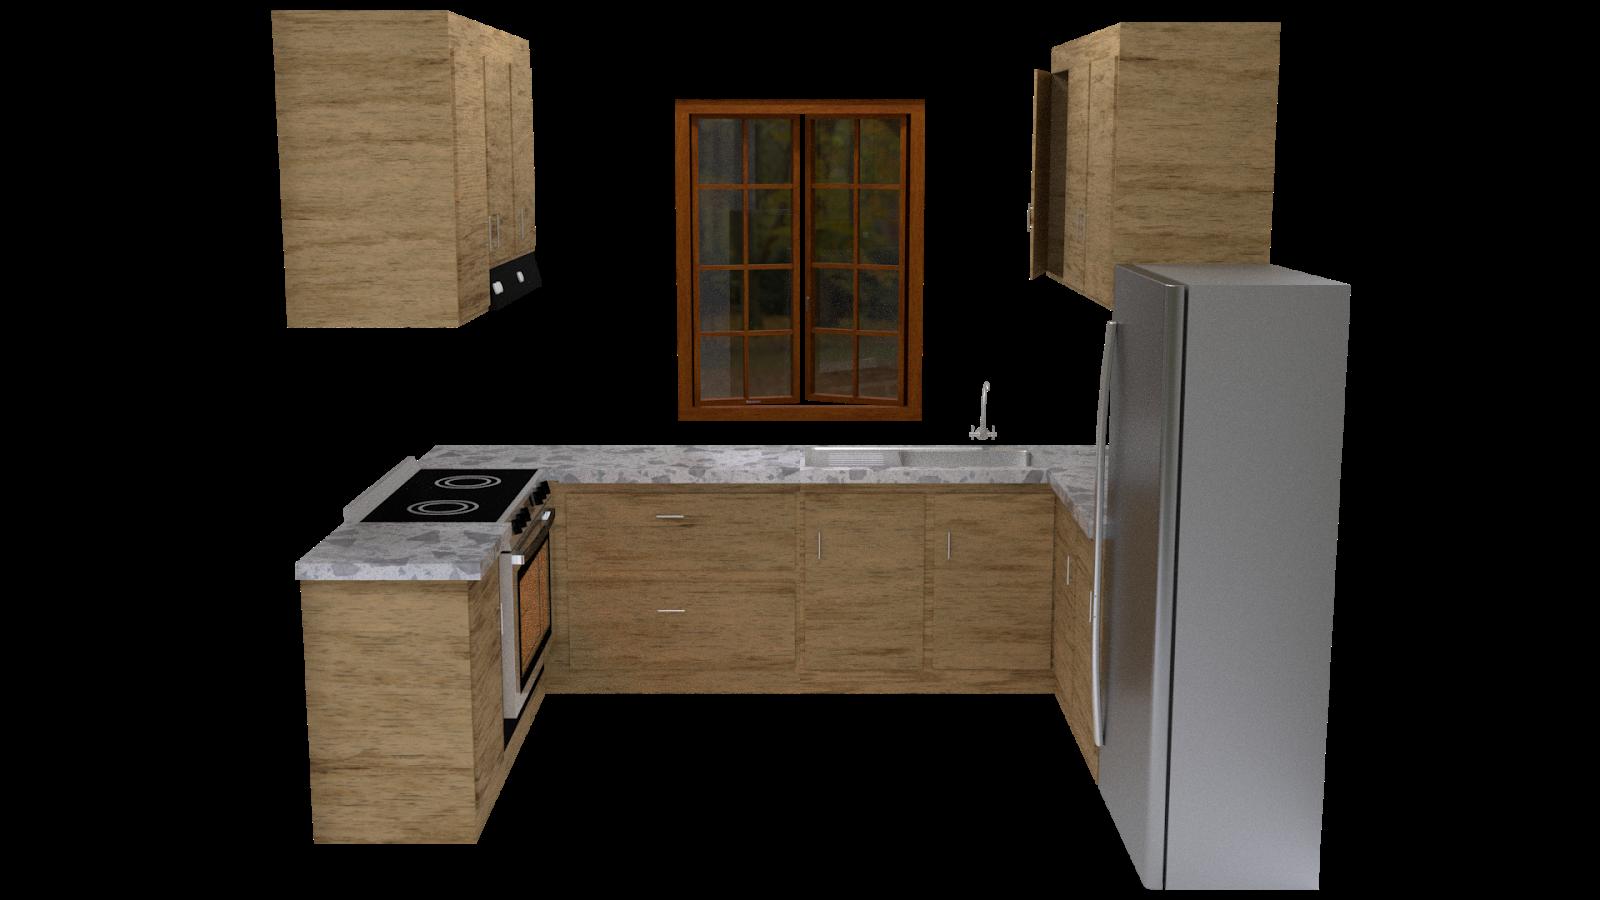 Free 3D Kitchen Set CC0 3DS - Free 3D Models Under Public Domain